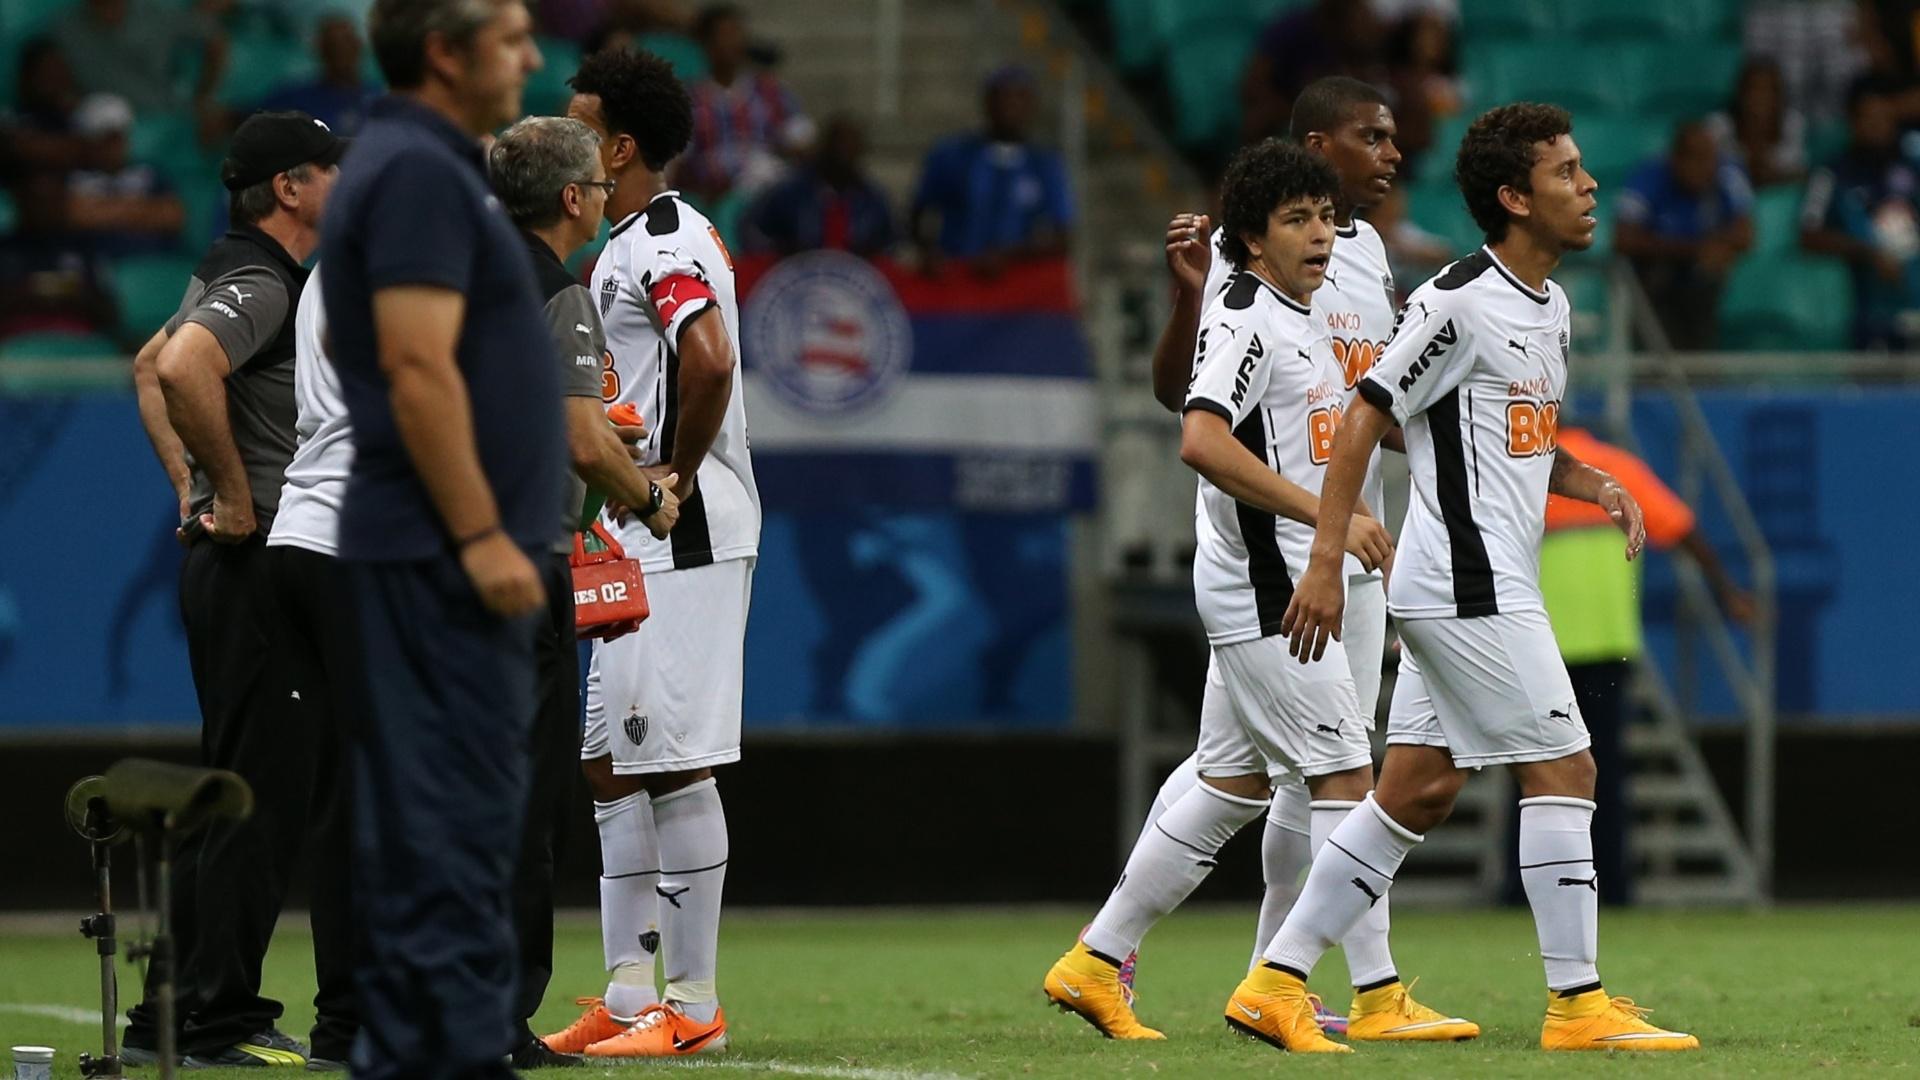 Jogadores do Atlético-MG comemoram gol contra o Bahia pelo Brasileirão